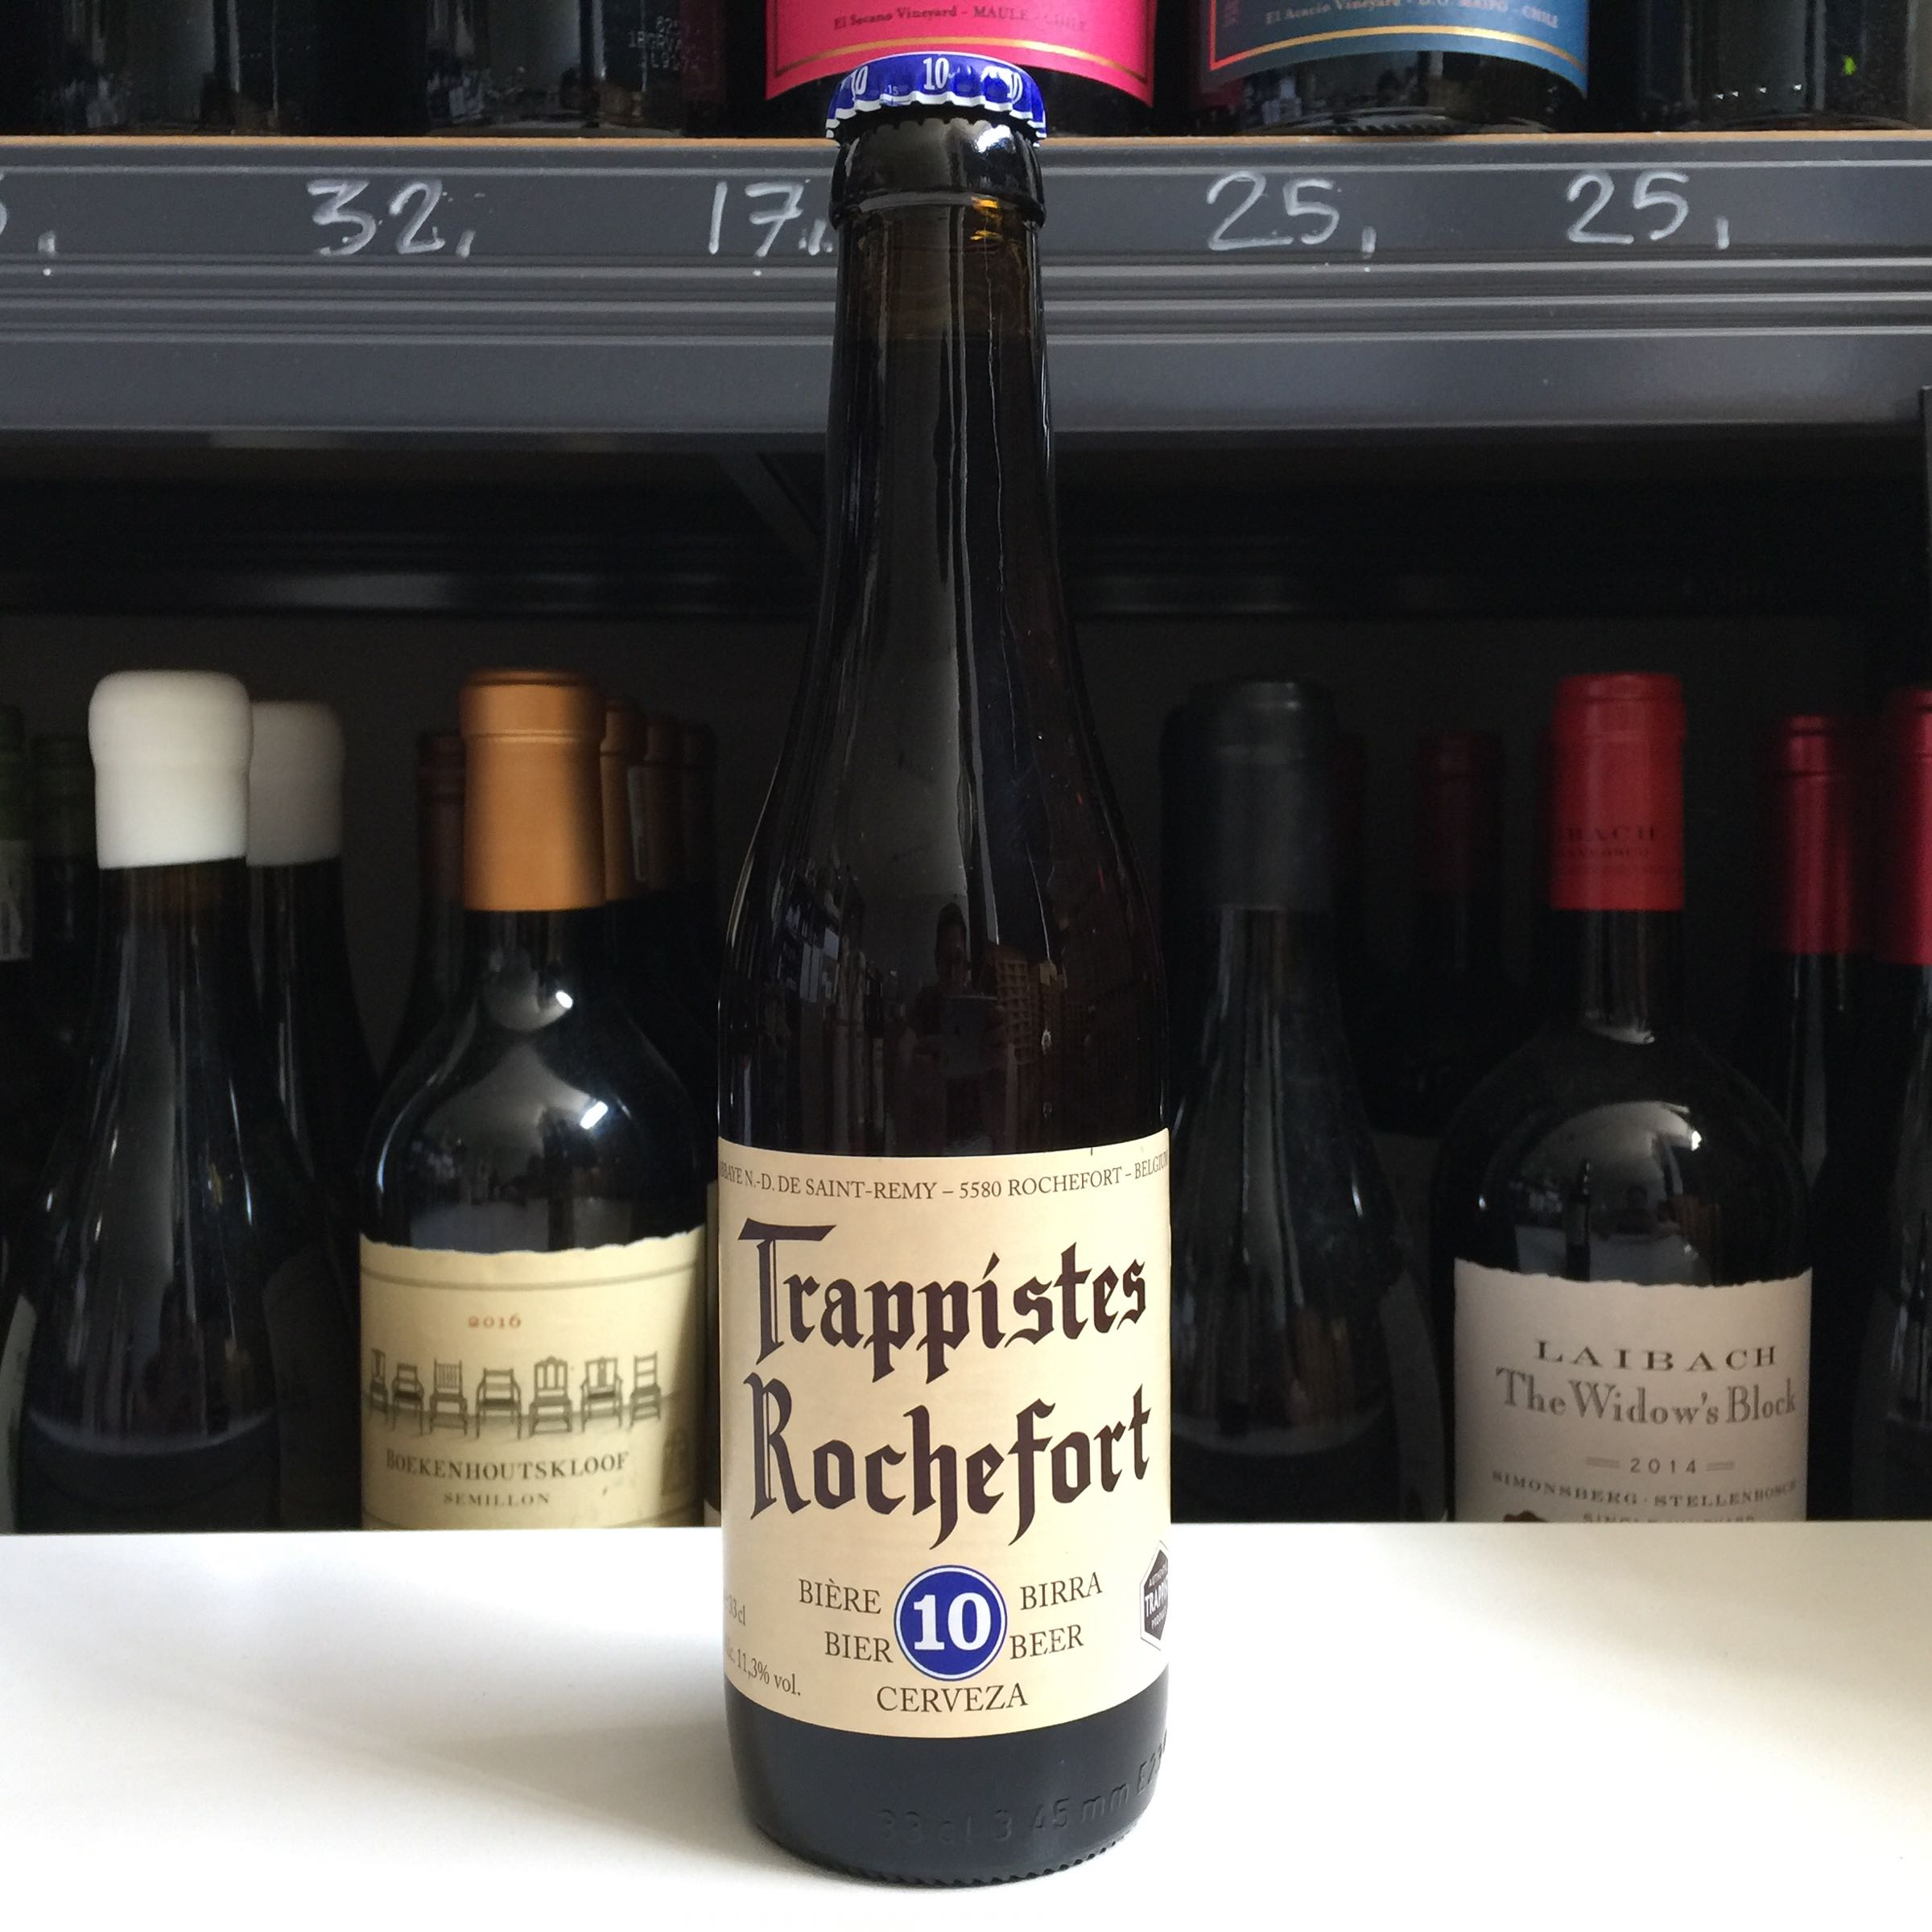 Rochefort 10 Belgium Beer 33cl 11.3% ABV